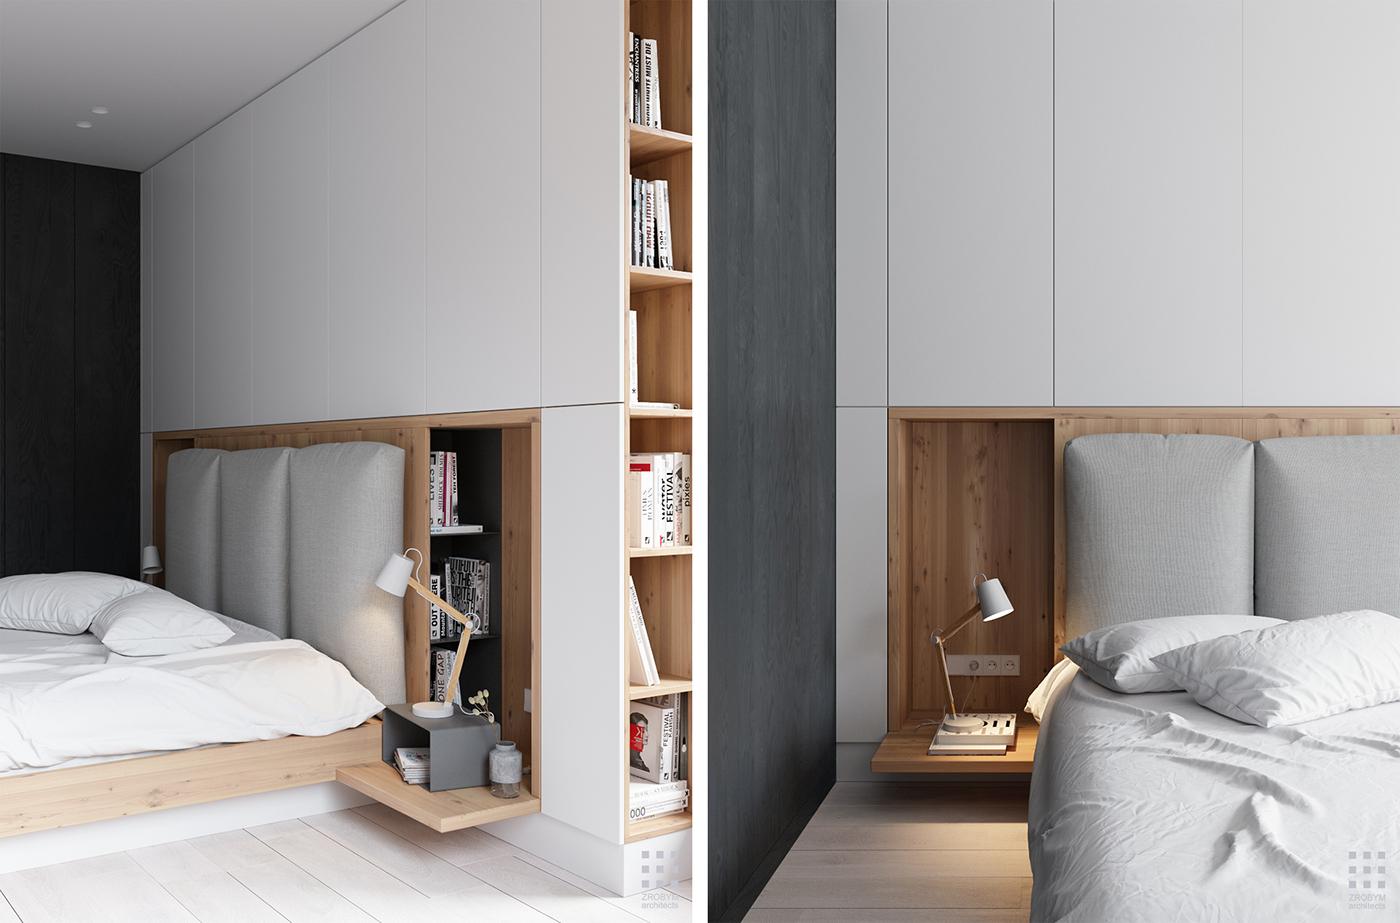 Moderne slaapkamer 3d ontwerpen door ZROBYM architects